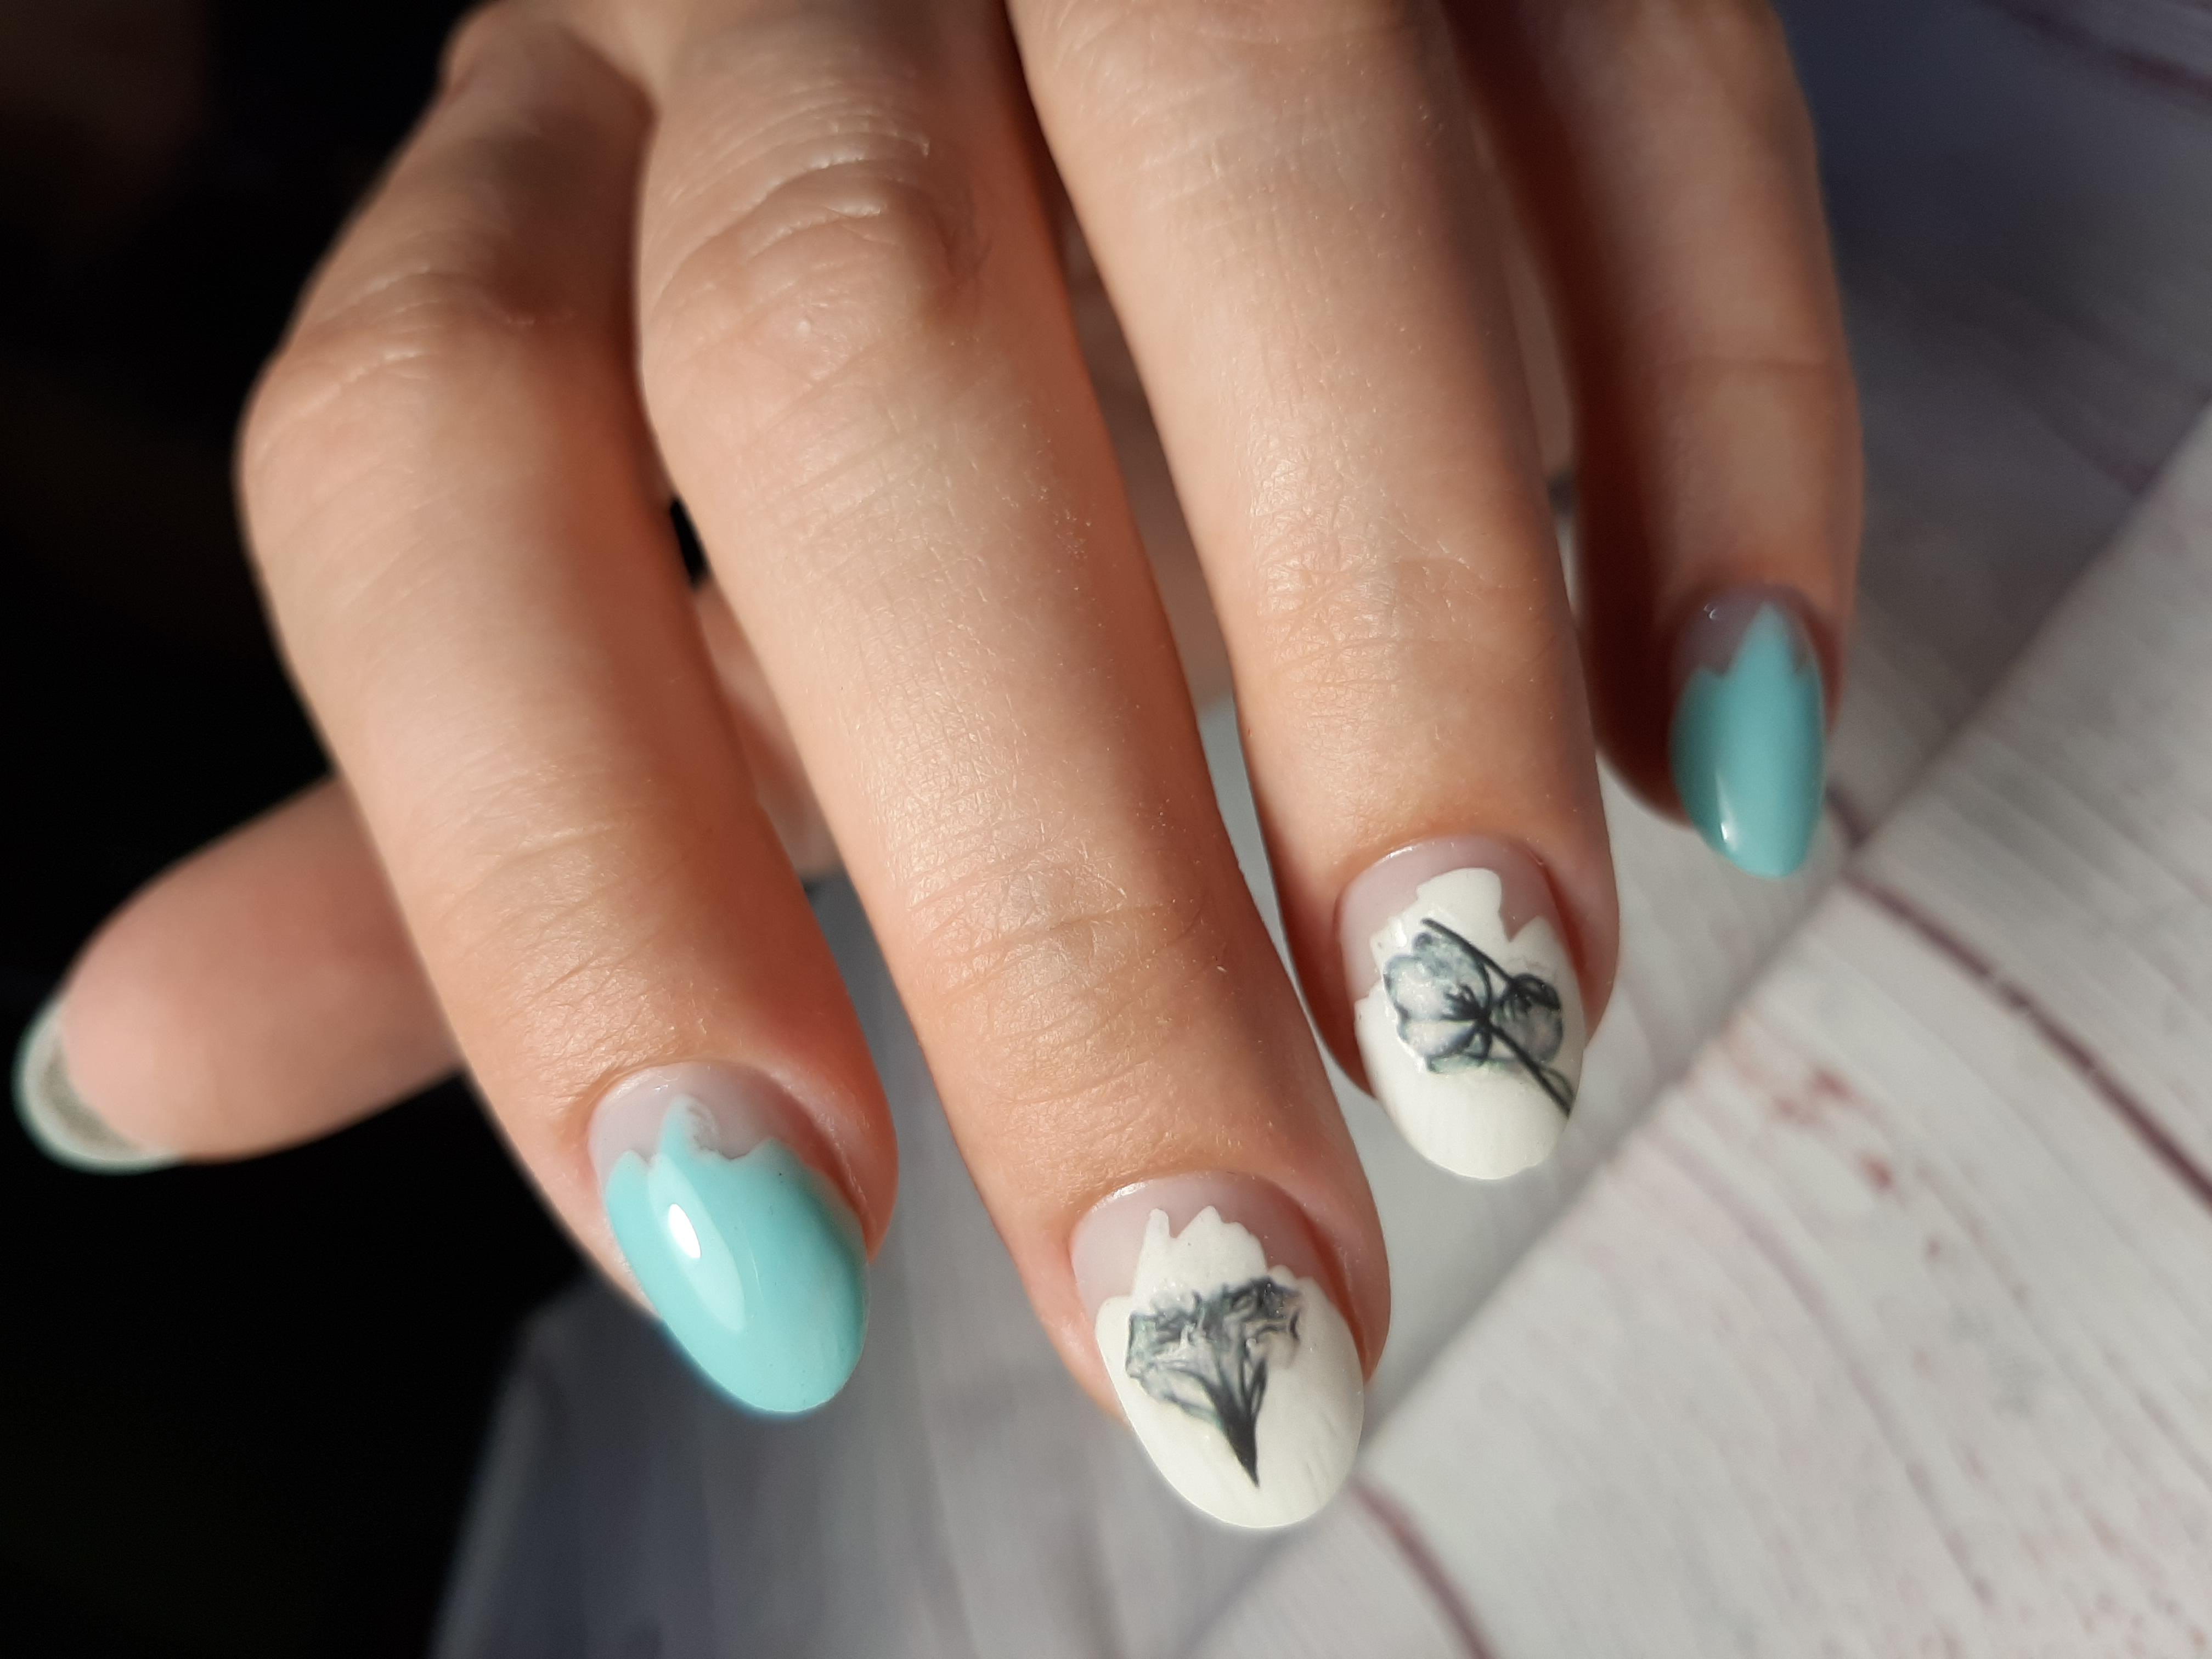 Маникюр с цветочными слайдерами в голубом цвете на короткие ногти.